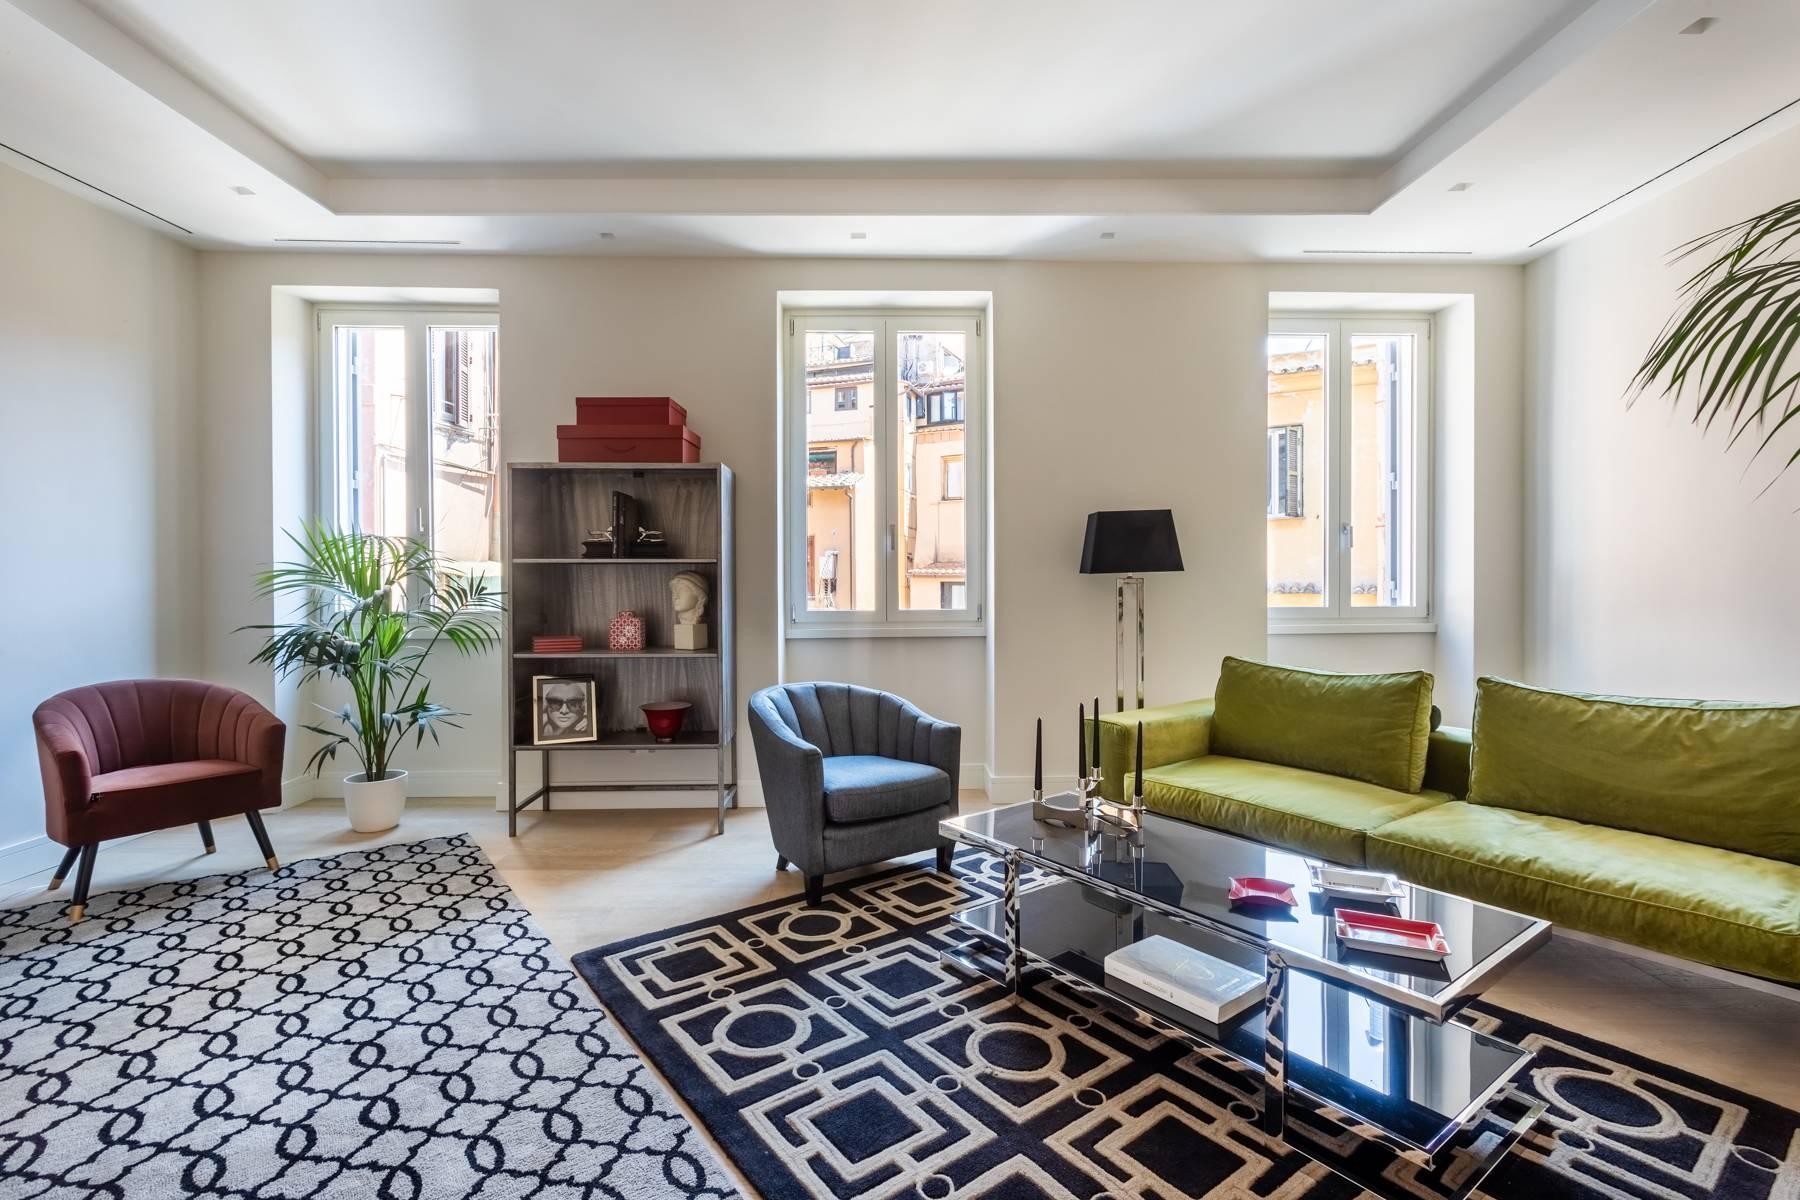 Appartamento di lusso nei pressi di Piazza di Spagna - 1